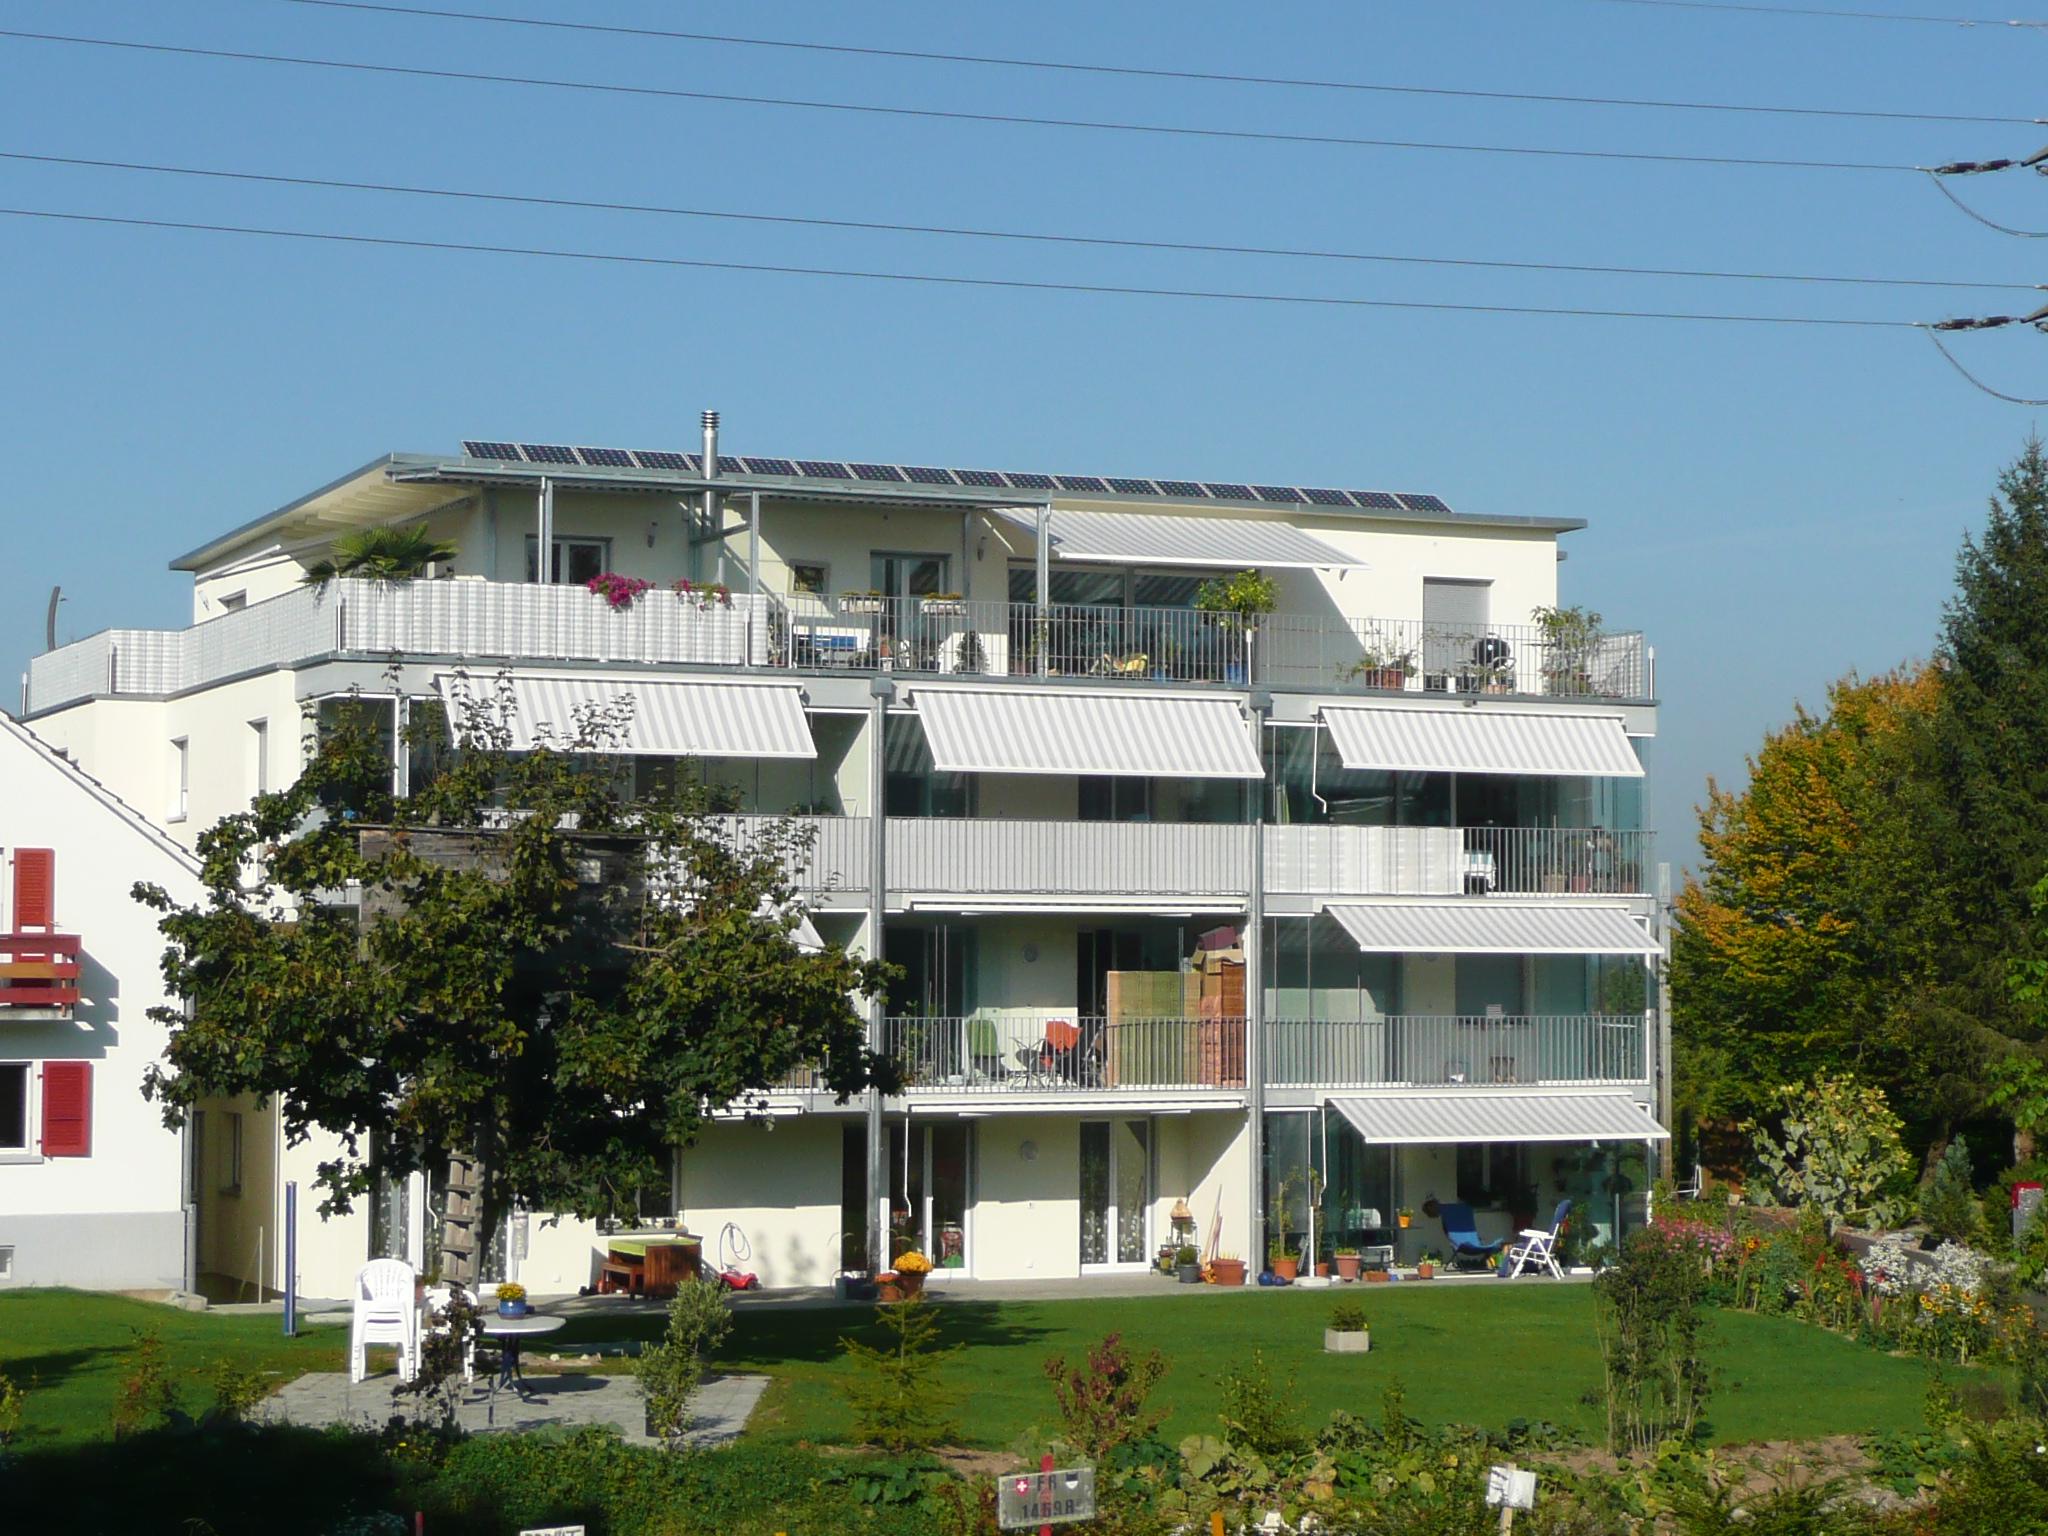 Sicht auf den Garten des Hauses